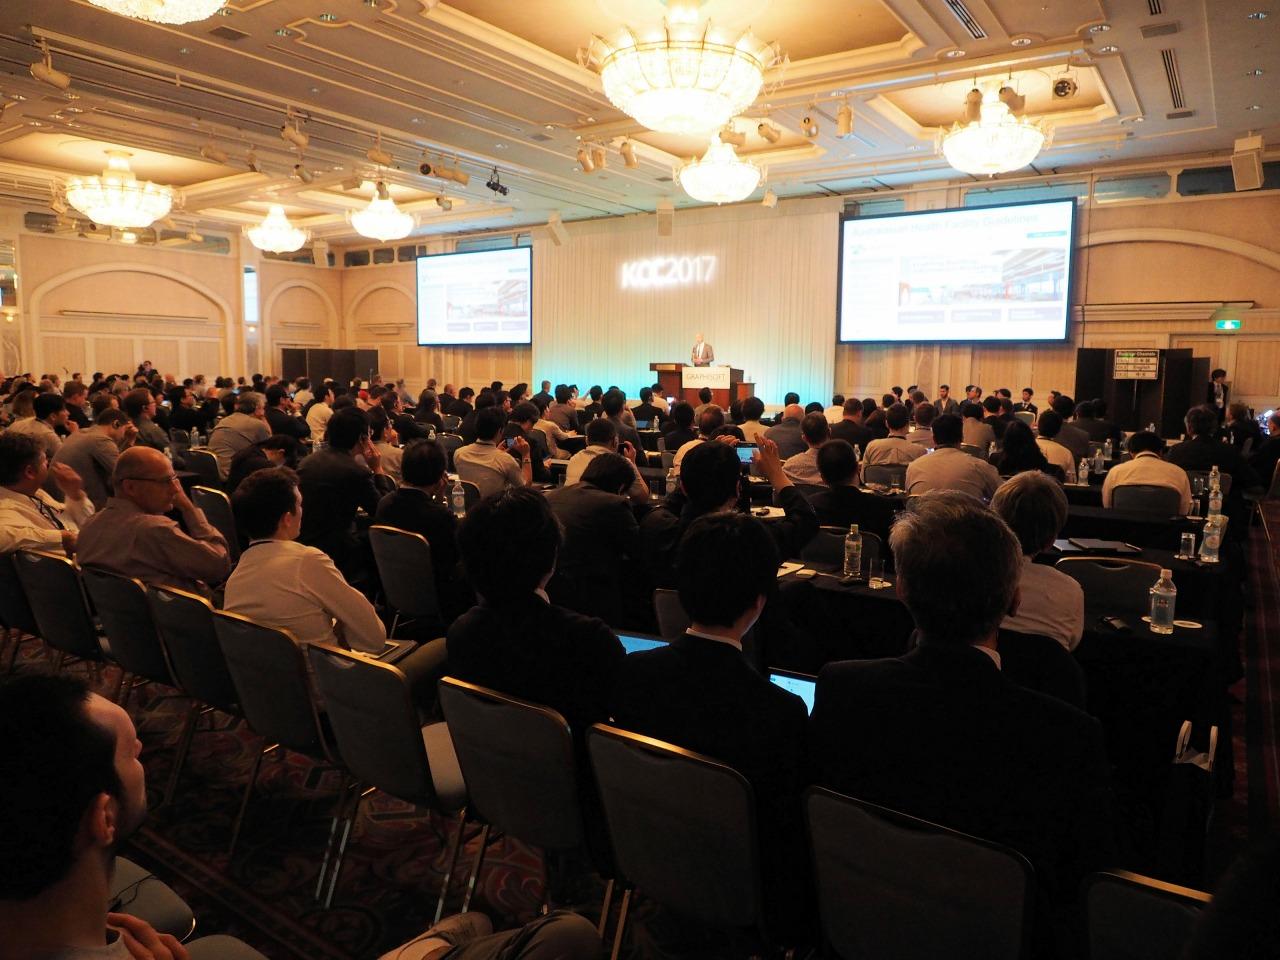 2017年5月、京都で開催されたグラフィソフト主催の「KCC(Key Client Connference) 2017」。吉田氏も参加し、先進ユーザーの話に大きな刺激を受けた